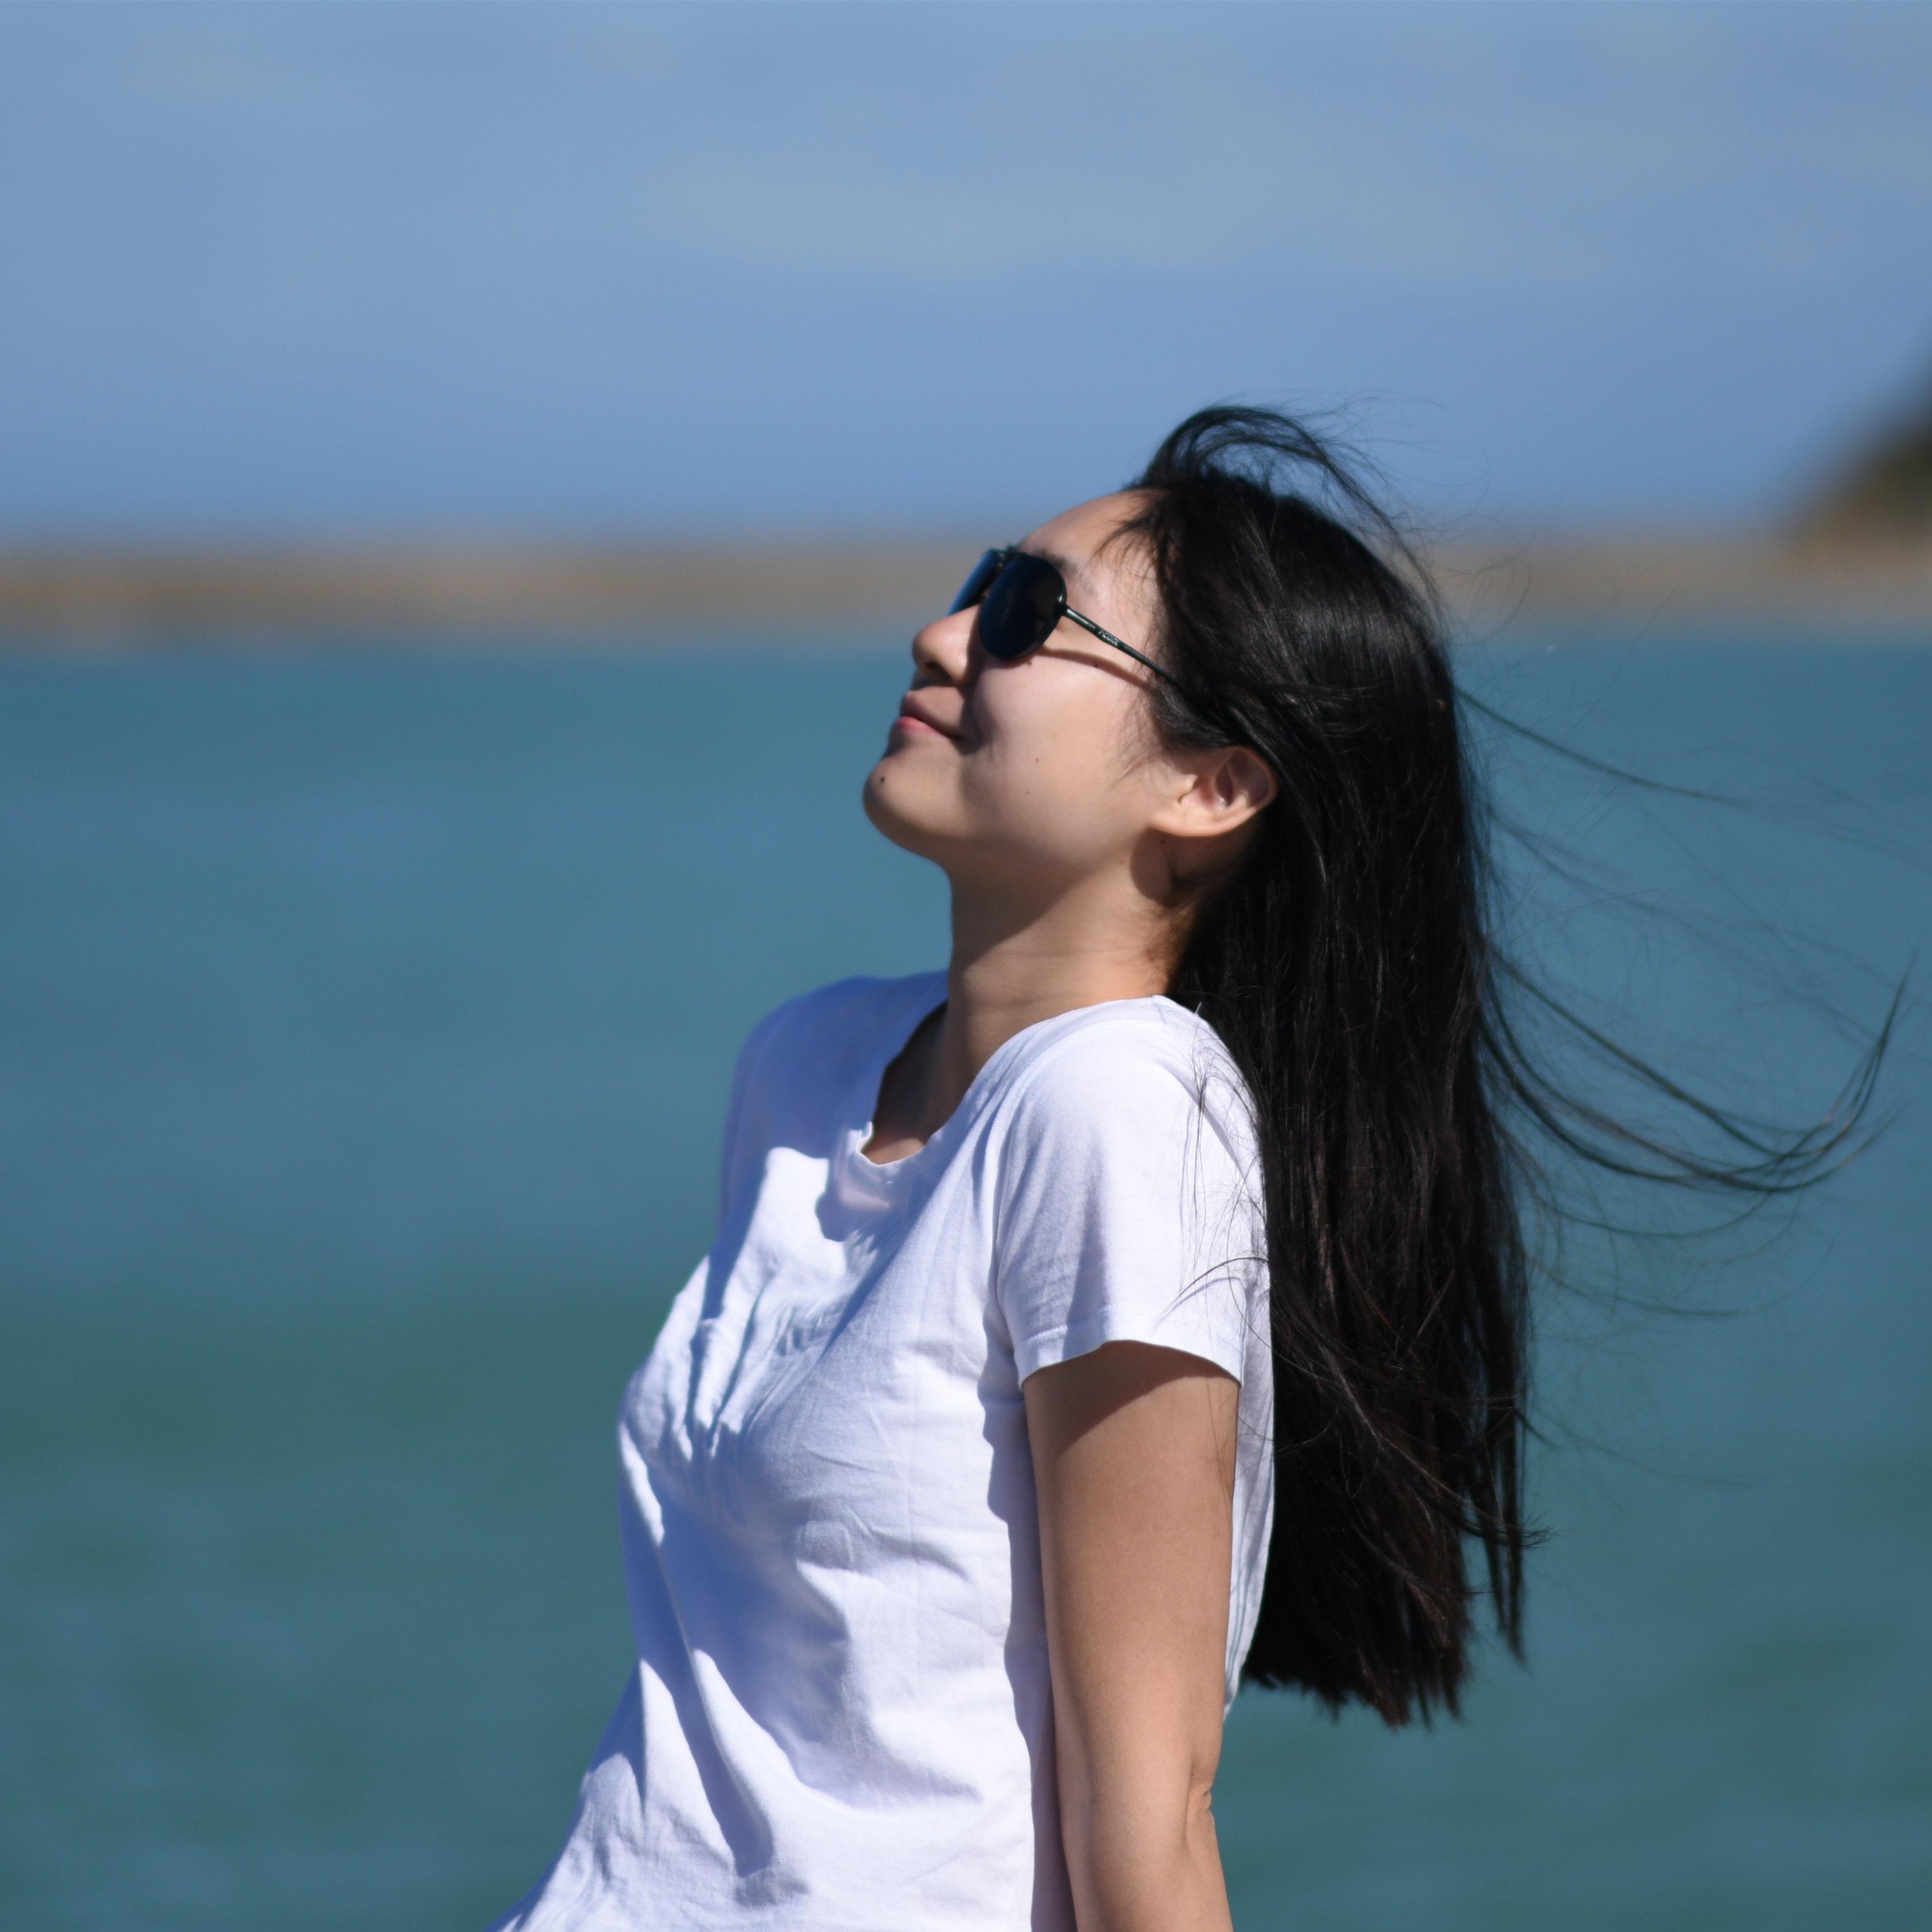 Go to 童 彤's profile